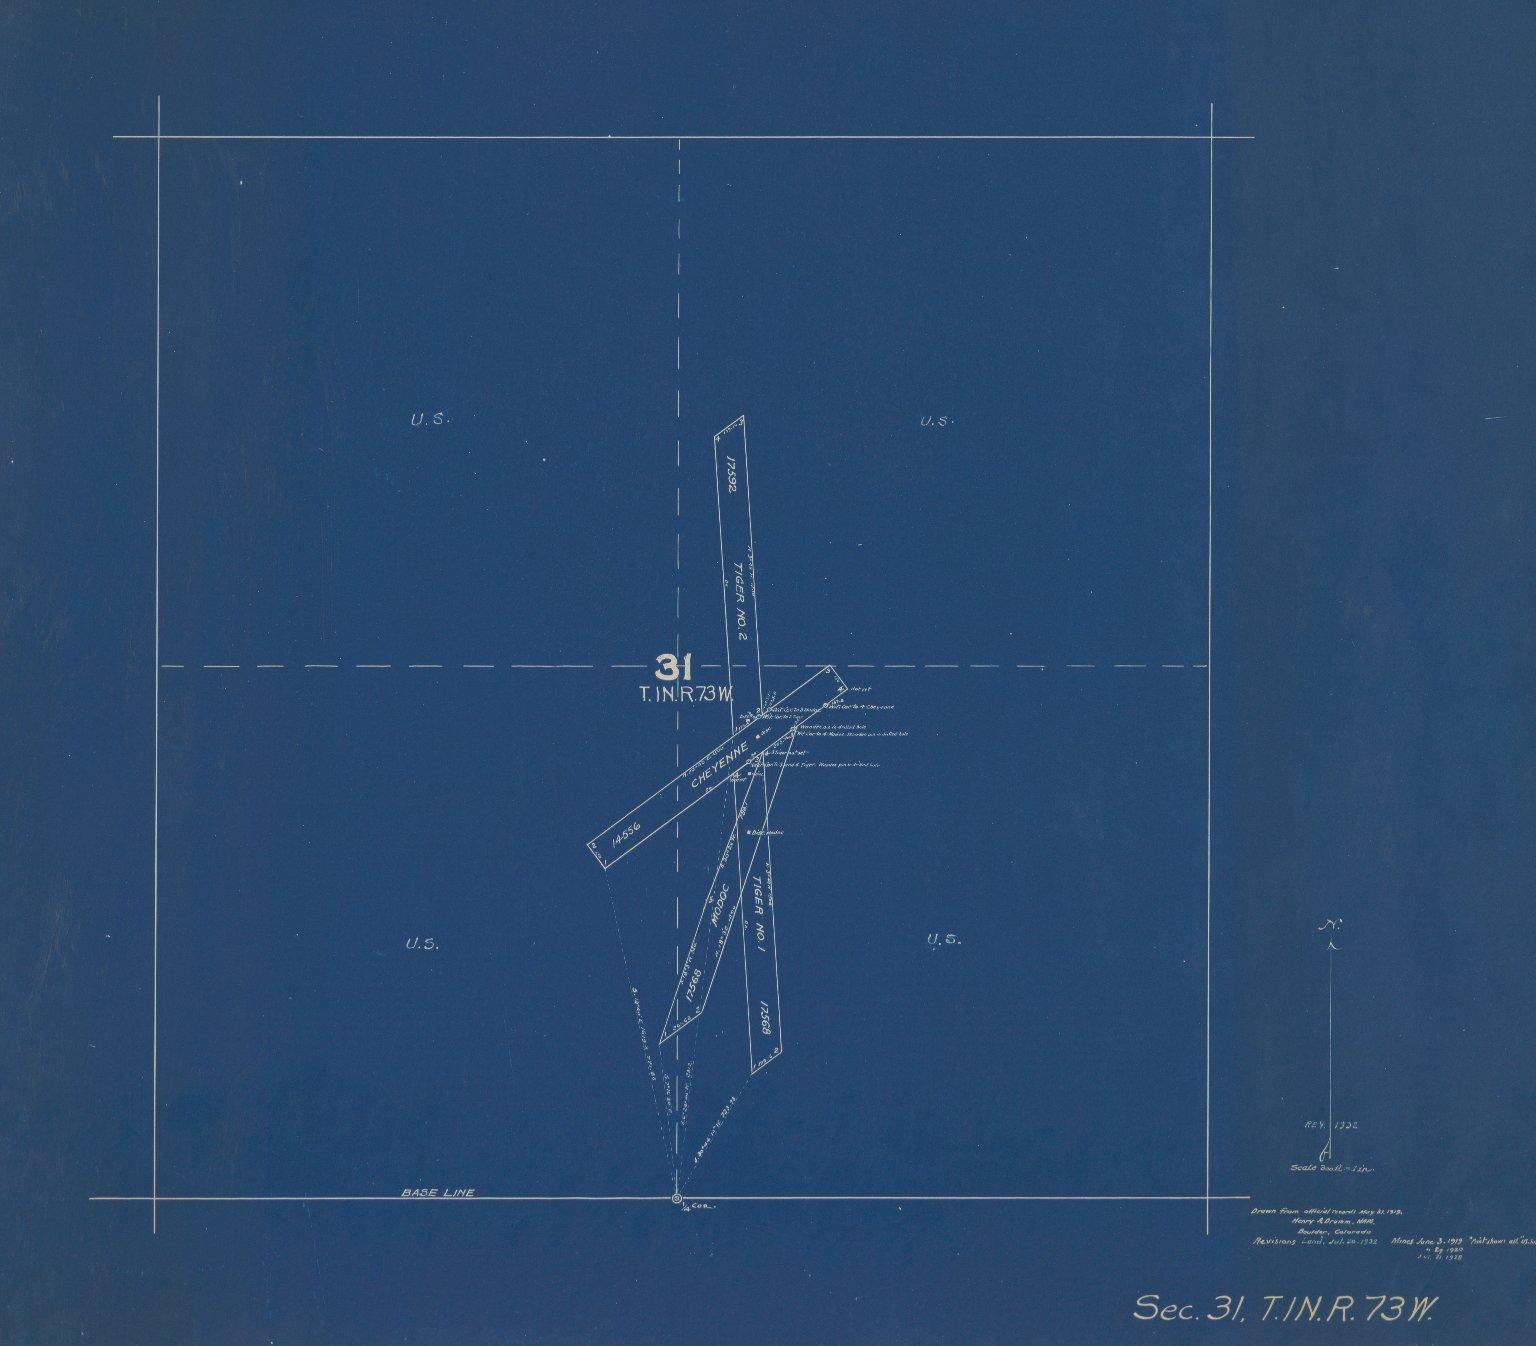 Map of Sec.31, T.1N.R.73W.